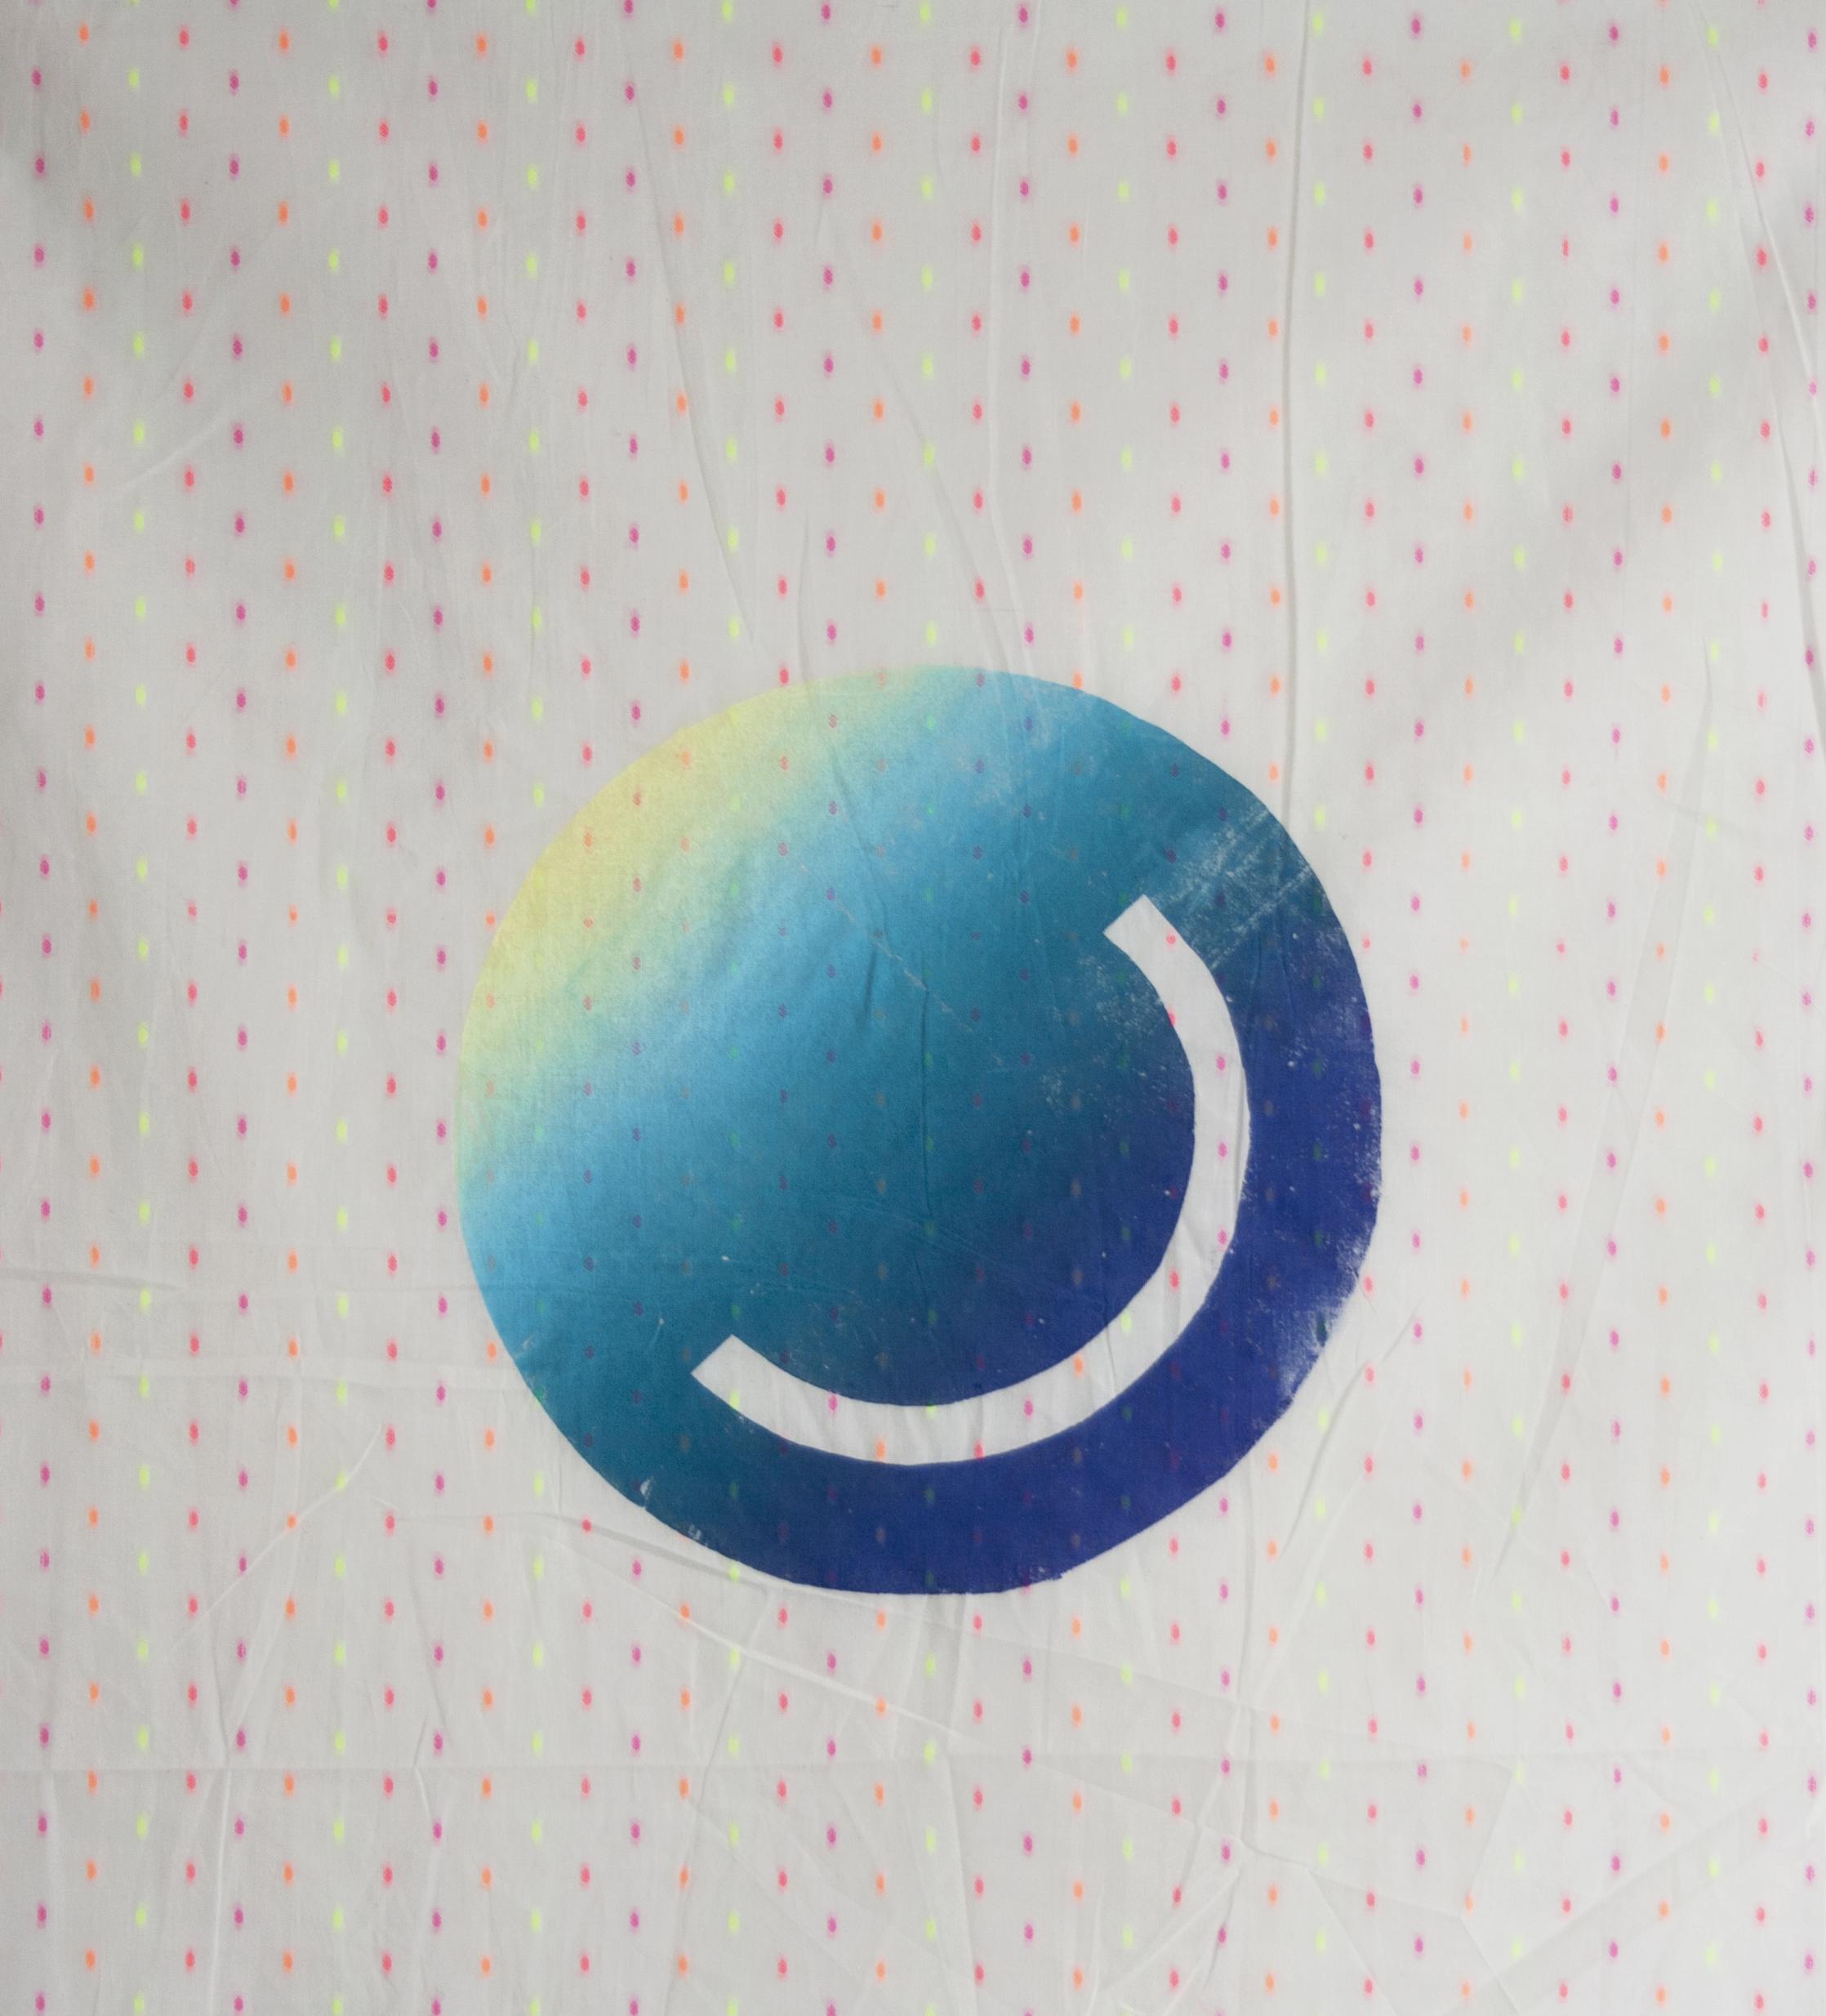 Oculus  Screenprint on fabric 31 x 24 in 2017